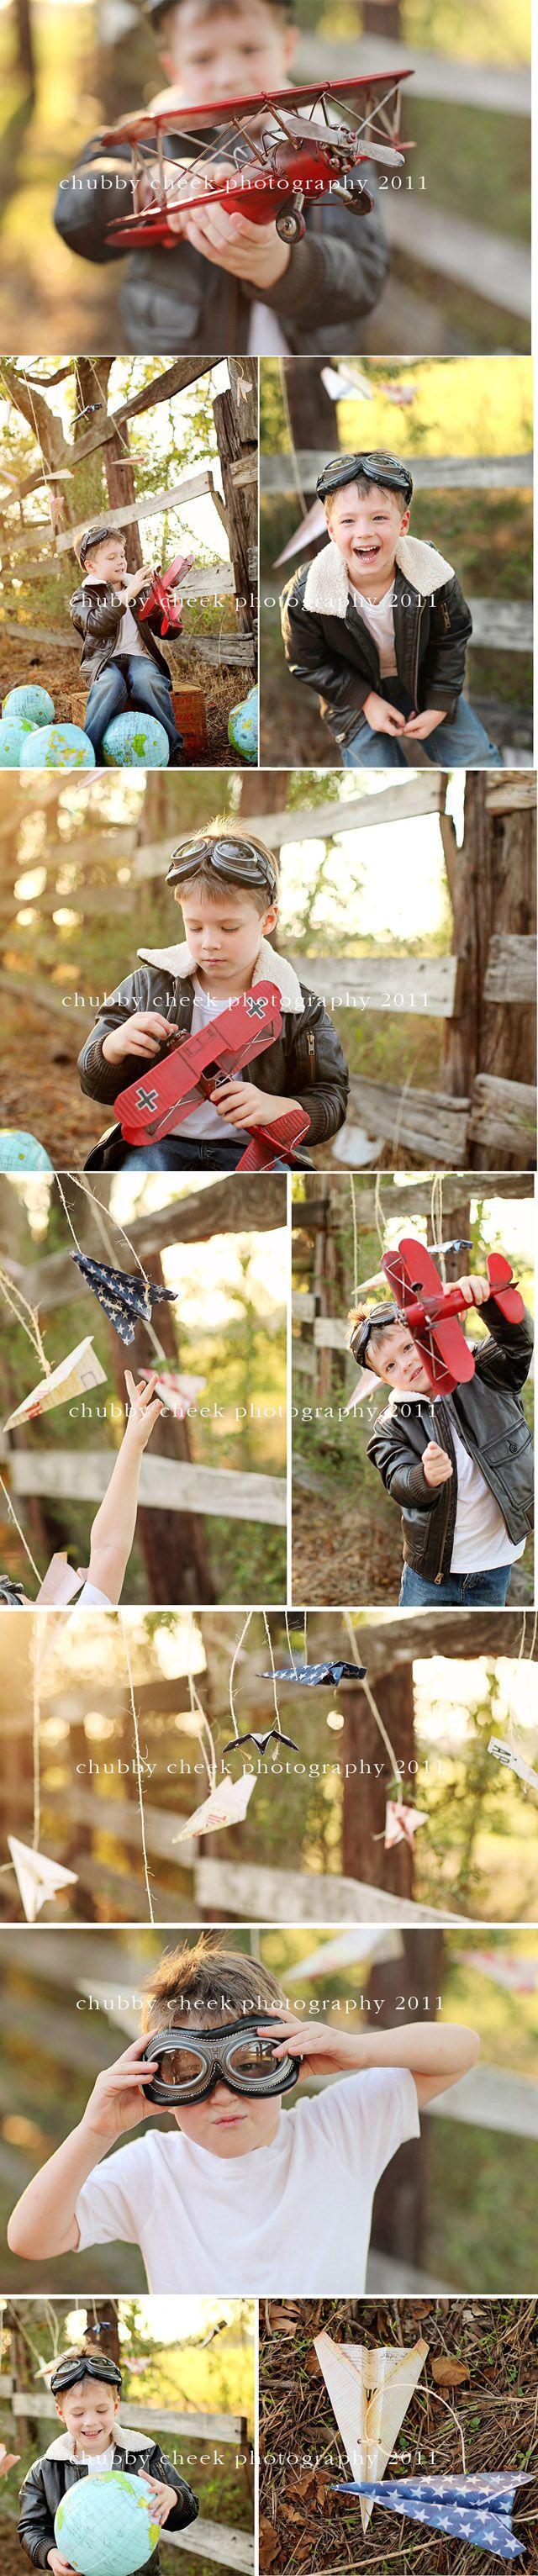 little pilot pics. Adorable idea!